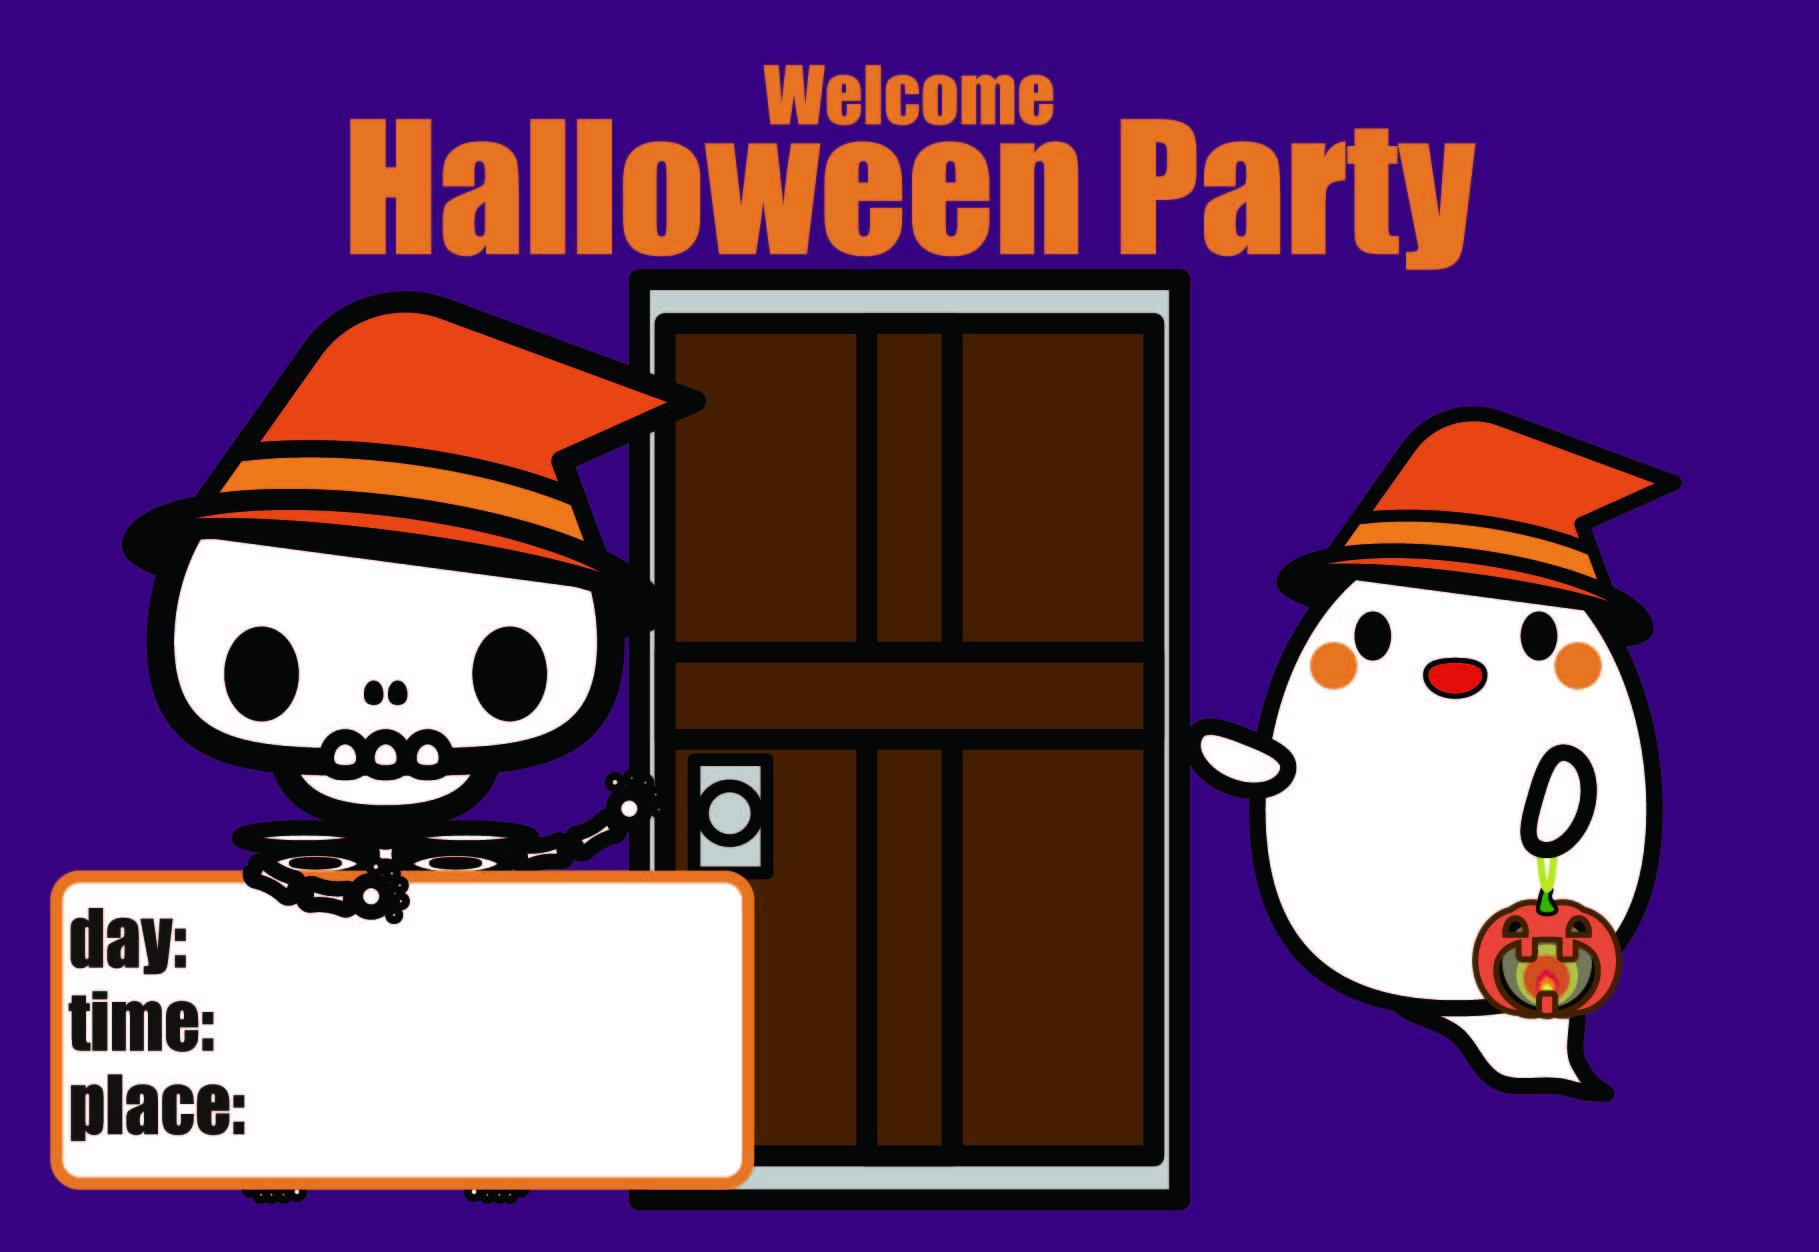 かわいいハロウィンパーティー・メッセージカードの無料イラスト・商用フリー